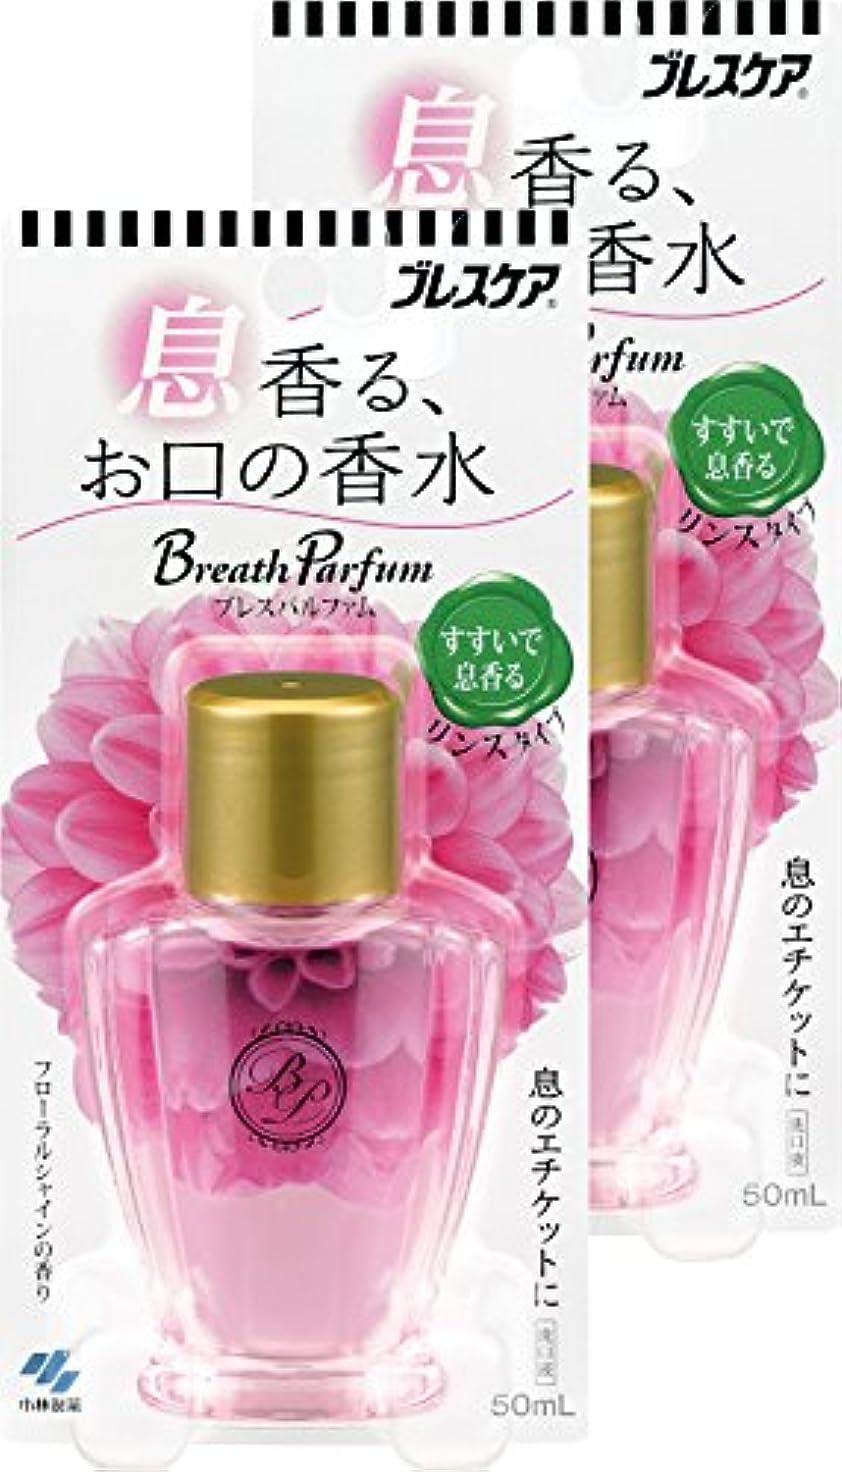 甘い分析同盟【まとめ買い】ブレスパルファム 息香る お口の香水 マウスウォッシュ 携帯用 フローラルシャインの香り 50ml×2個